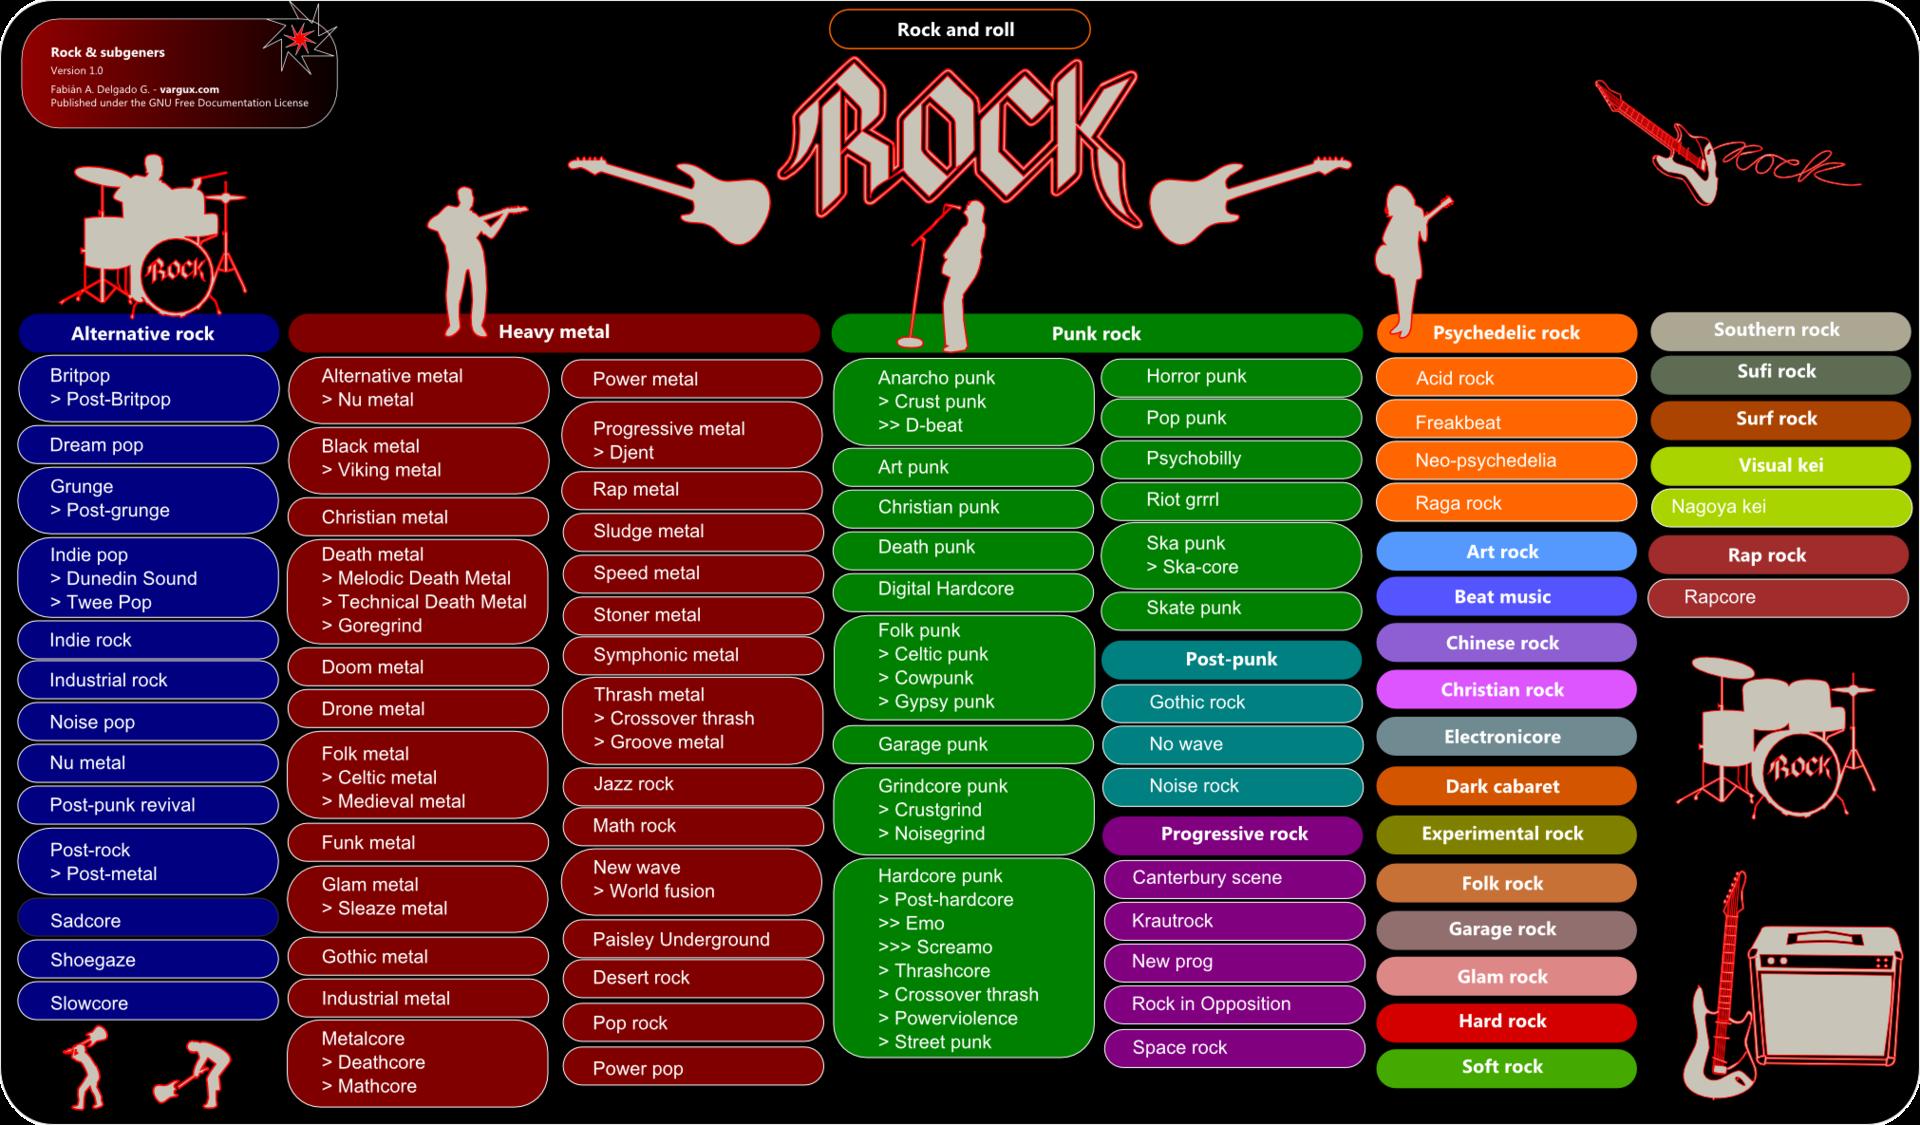 Rock & Subgenres - Version 1.0 - Anexo:Subgéneros del rock - Wikipedia, la enciclopedia libre